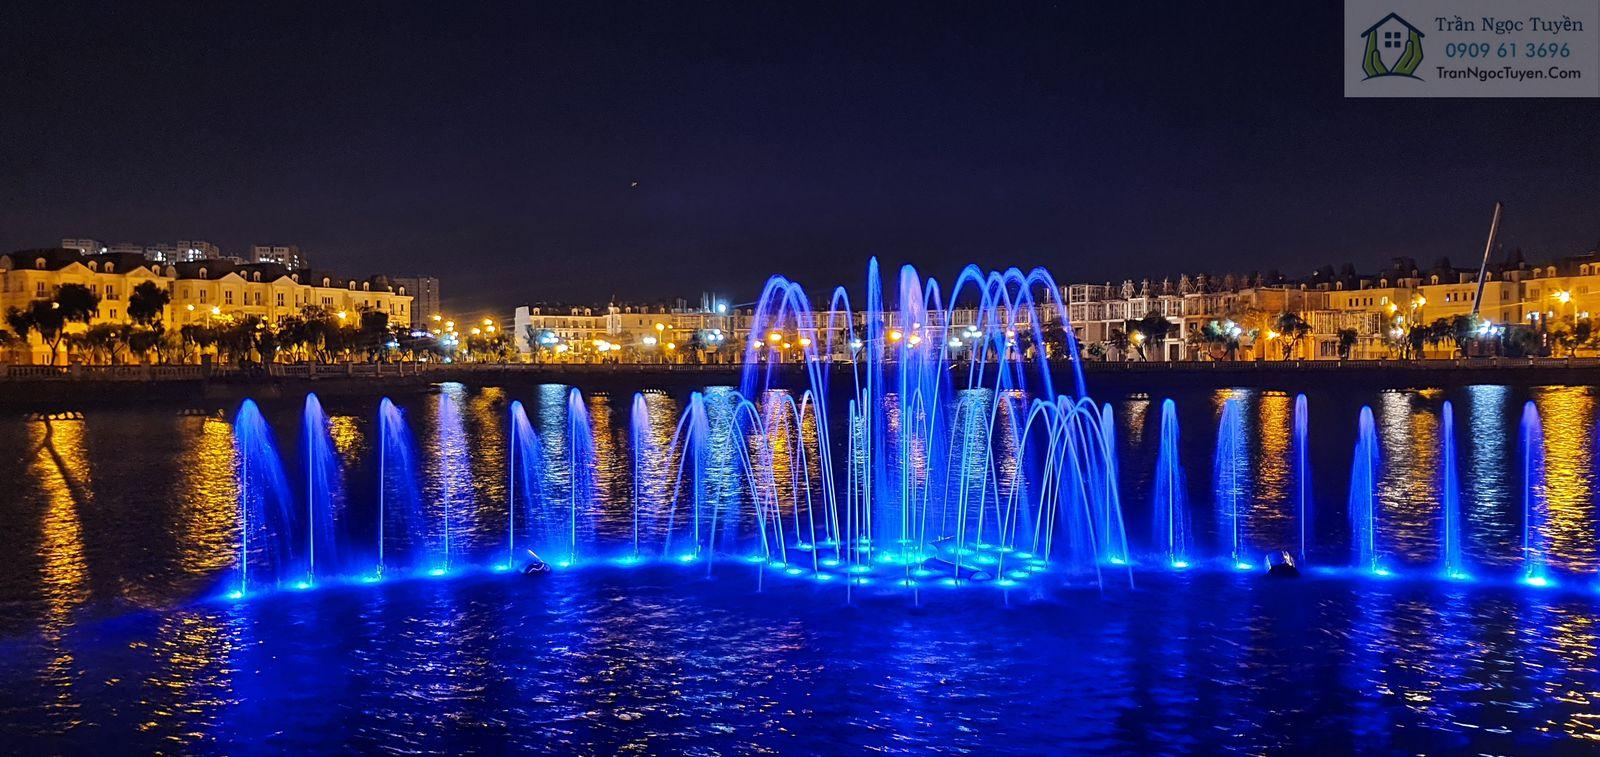 Khu đài phun nước tại Hồ trung tâm Khu đô thị Lideco